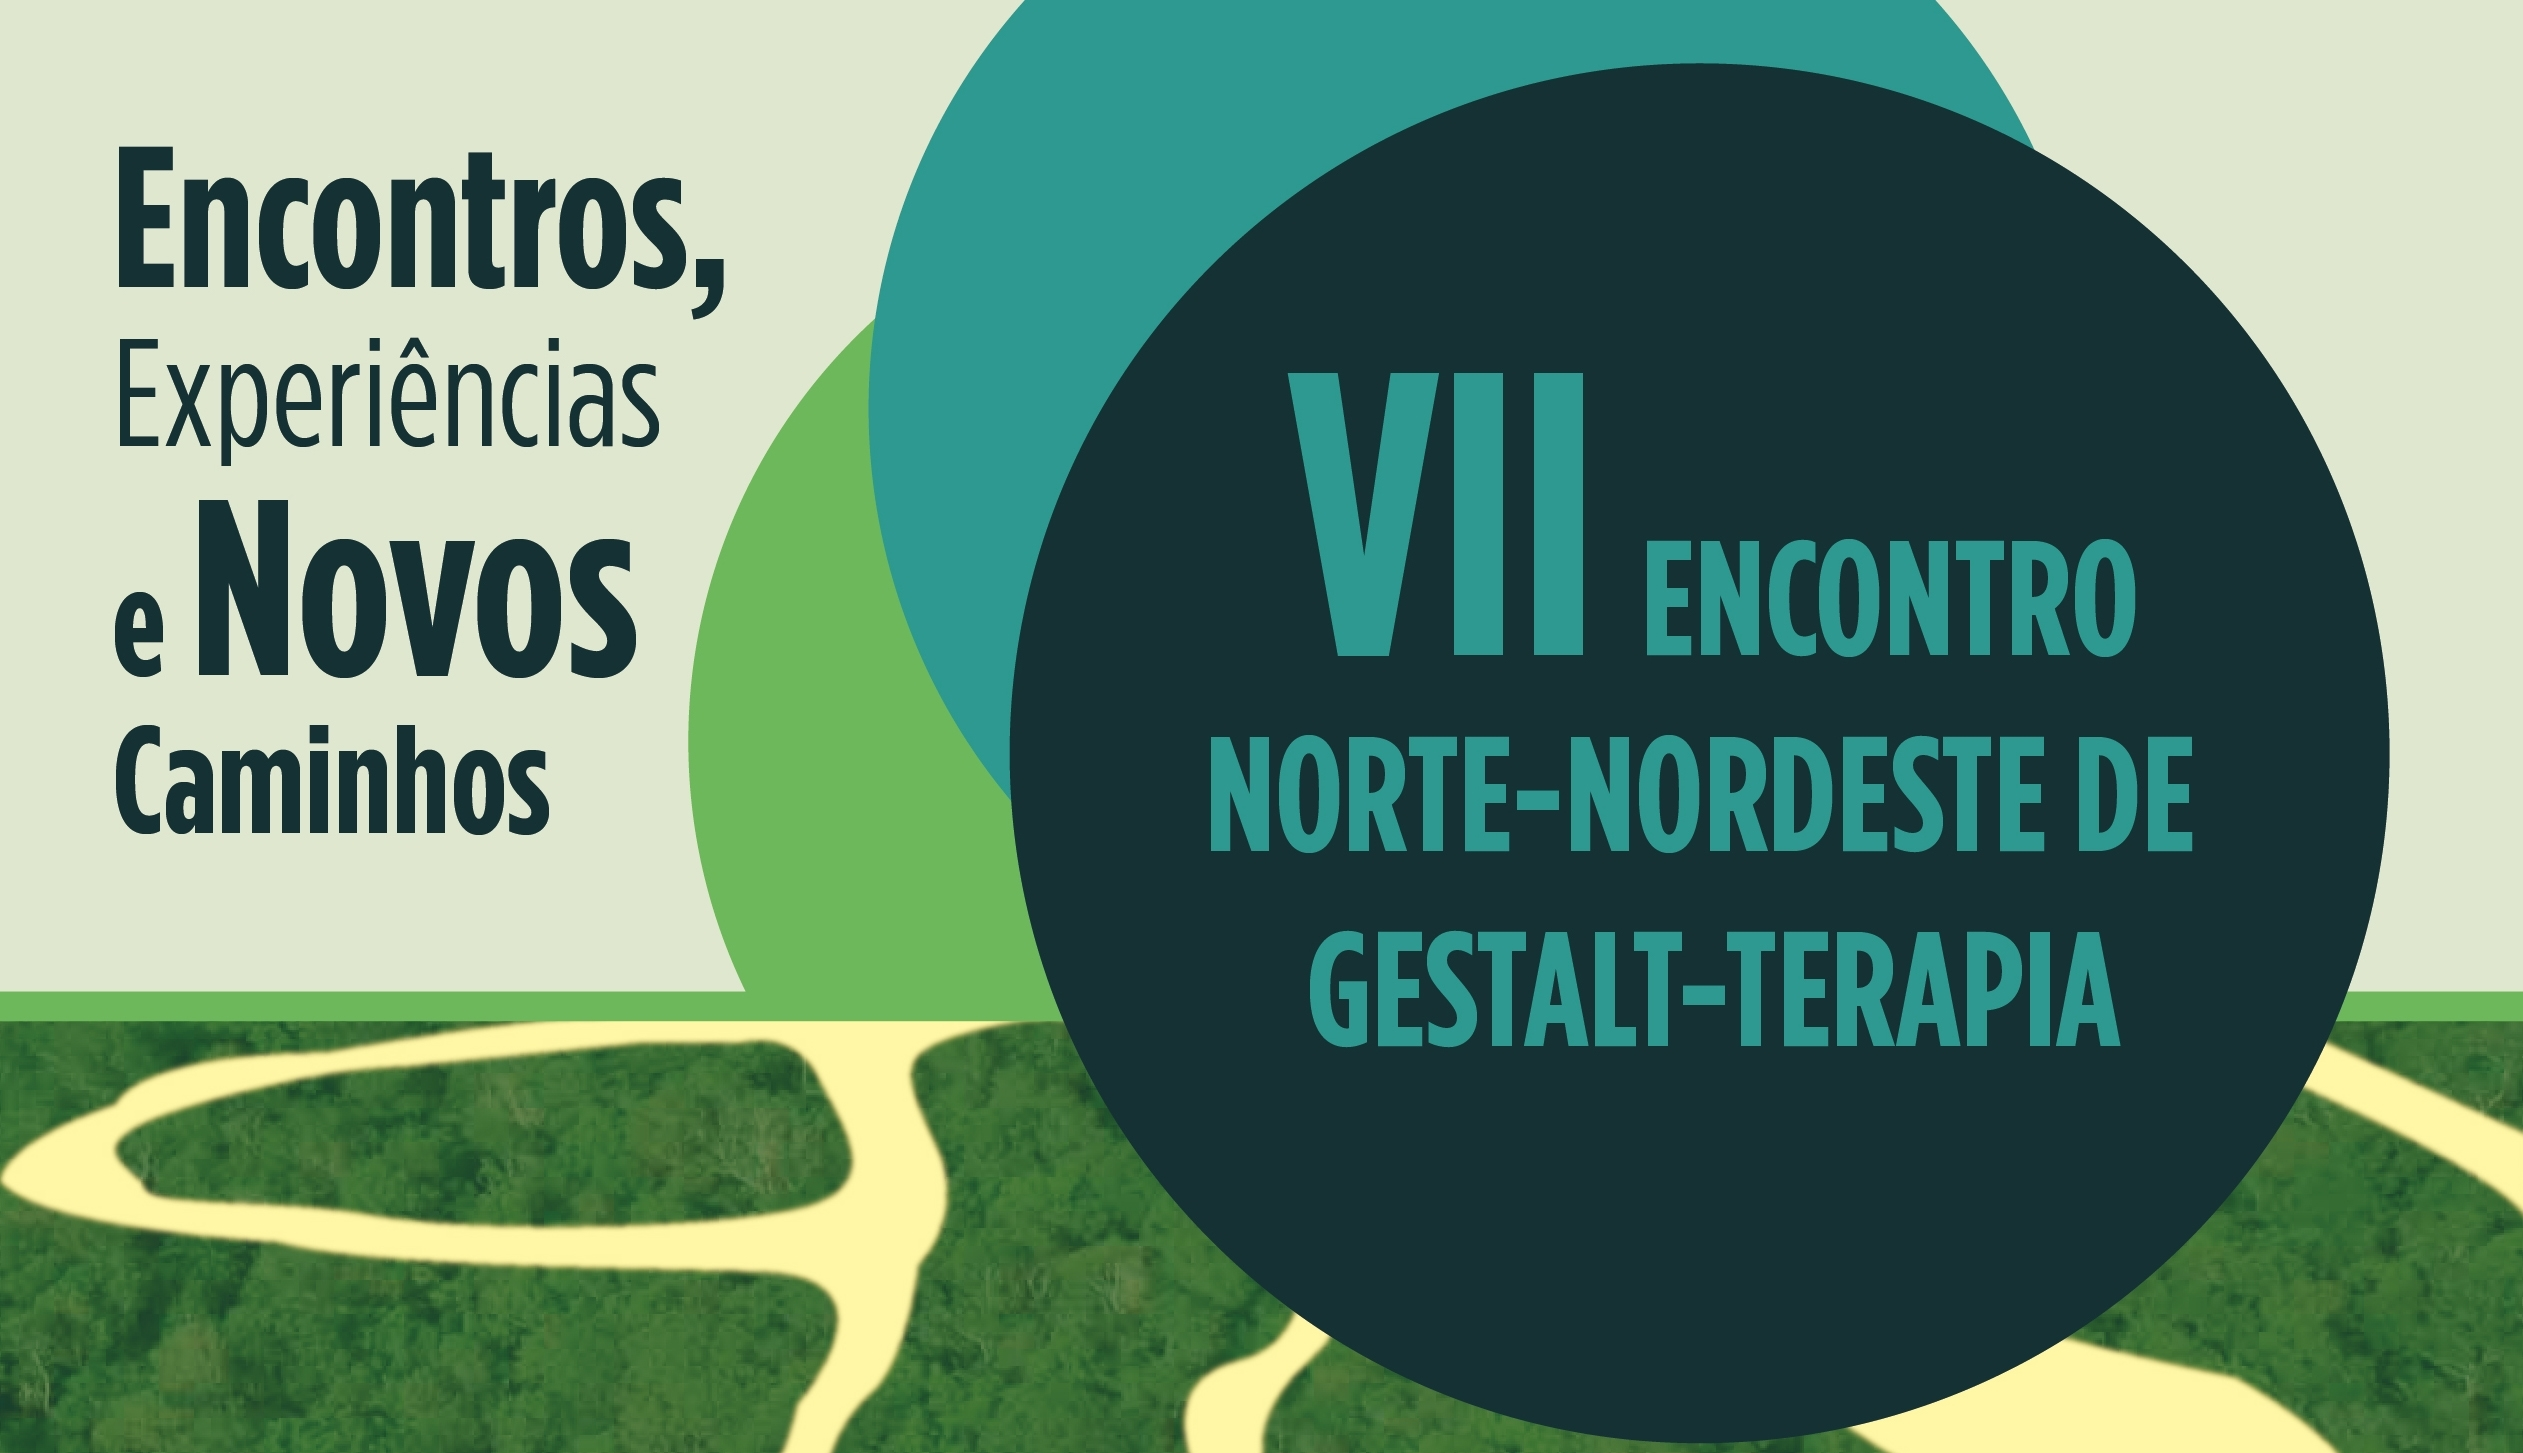 VII Encontro Norte-Nordeste de Gestalt-Terapia